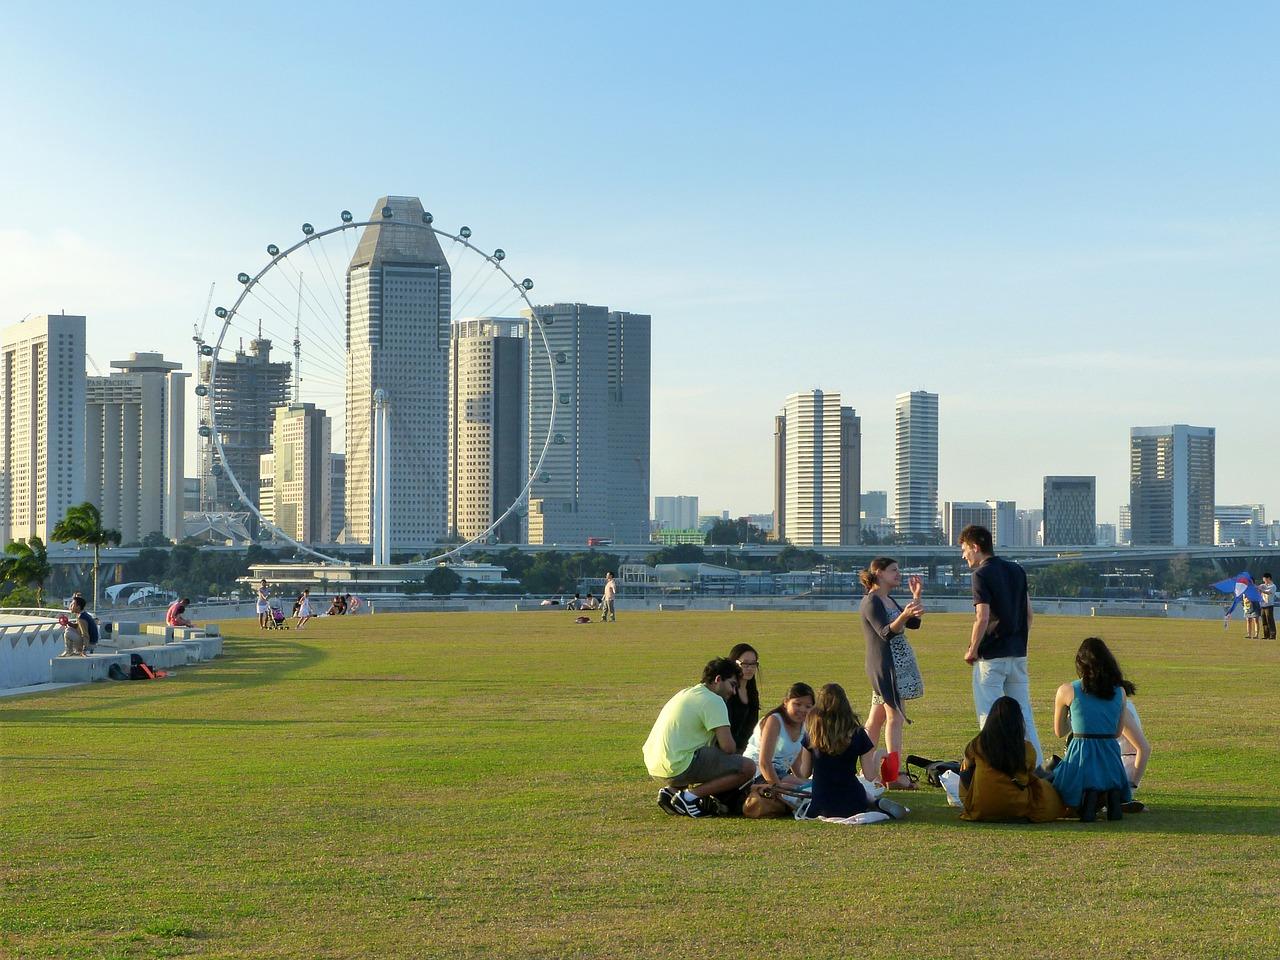 エンプロイメントパスの申請条件である最低給与額の引き上げと、シンガポール人の採用について